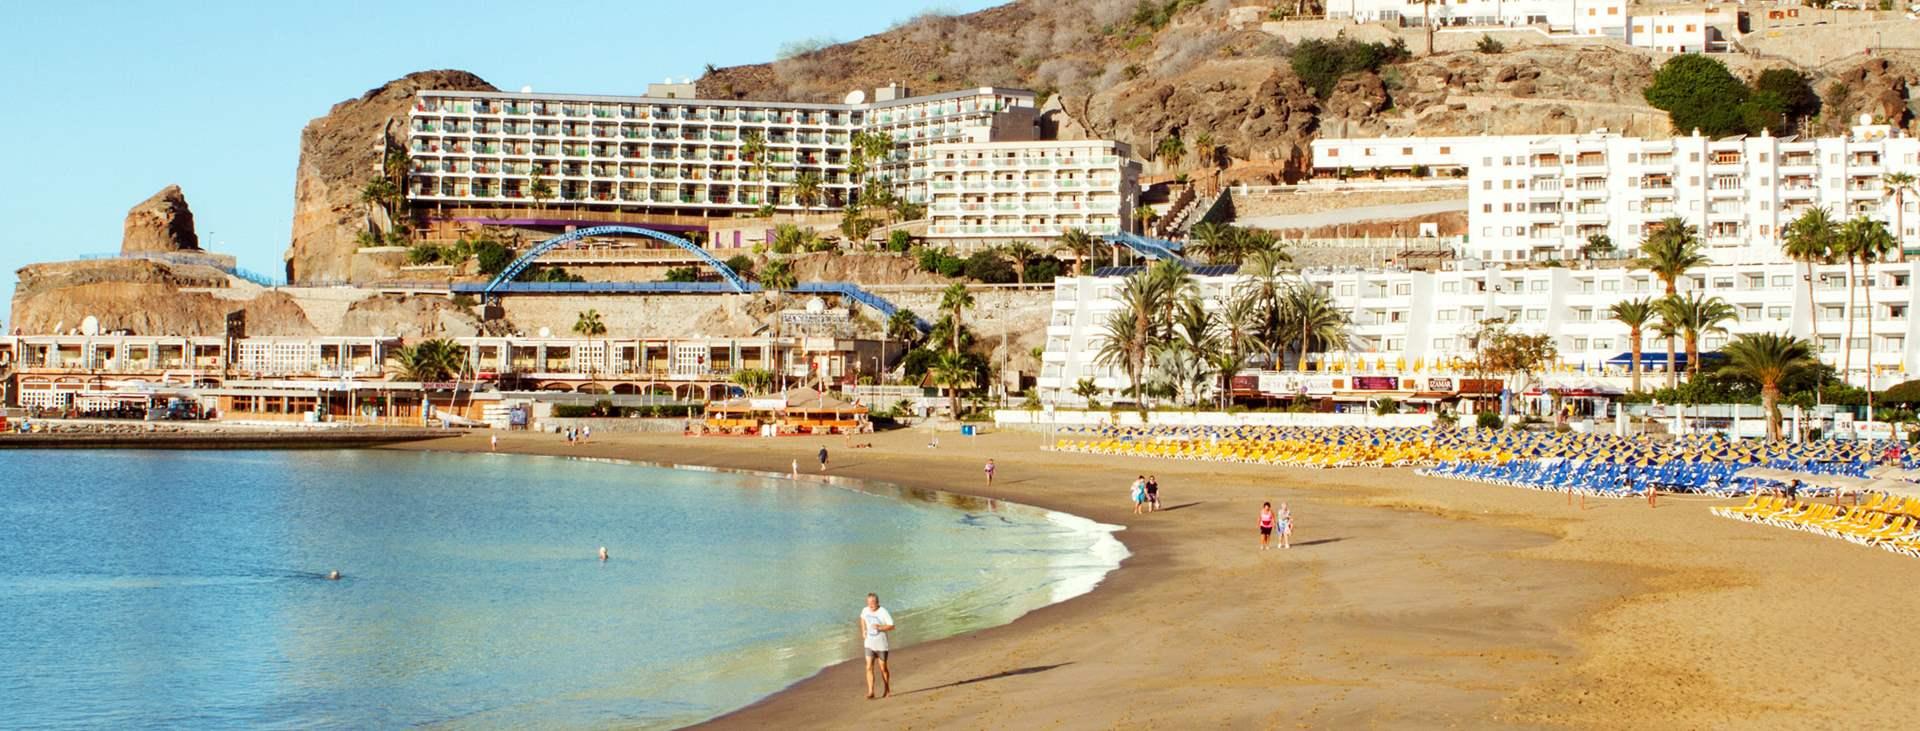 Resor Till Puerto Rico Gran Canaria Med Ving